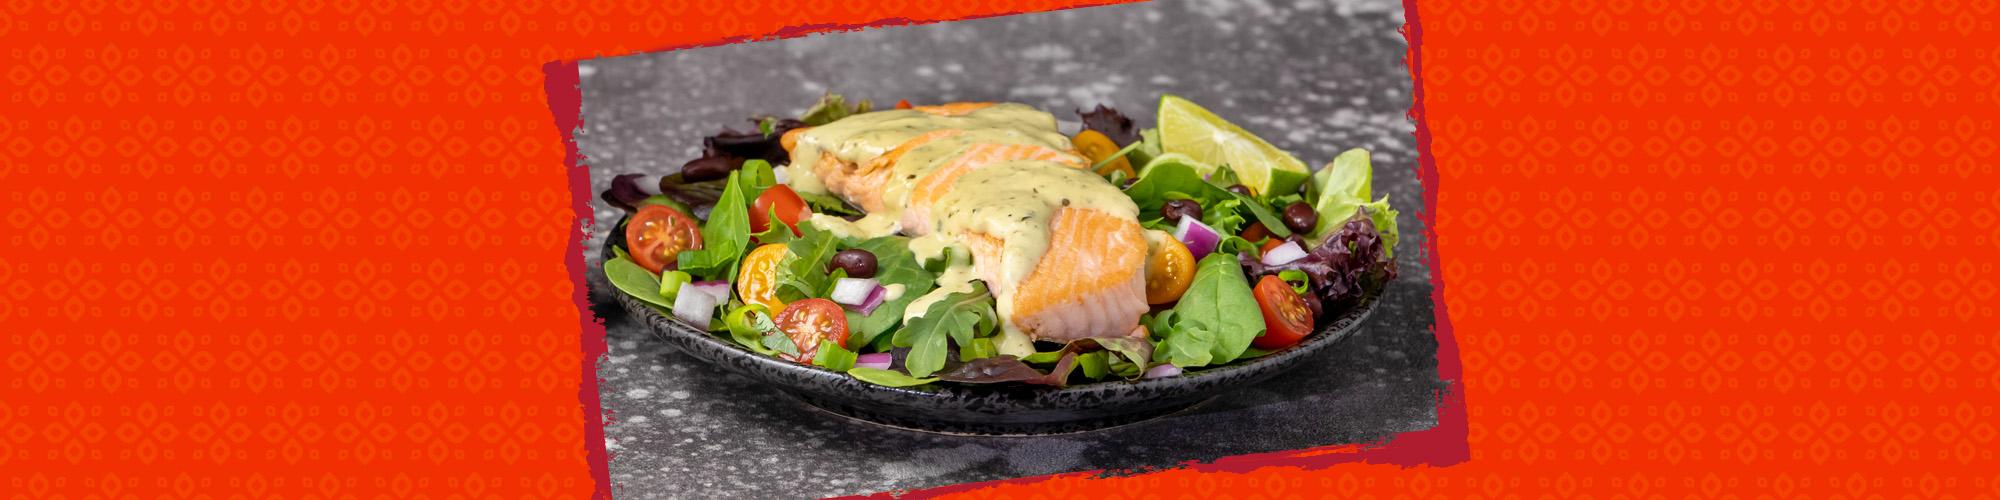 Salsas salmon cremosa